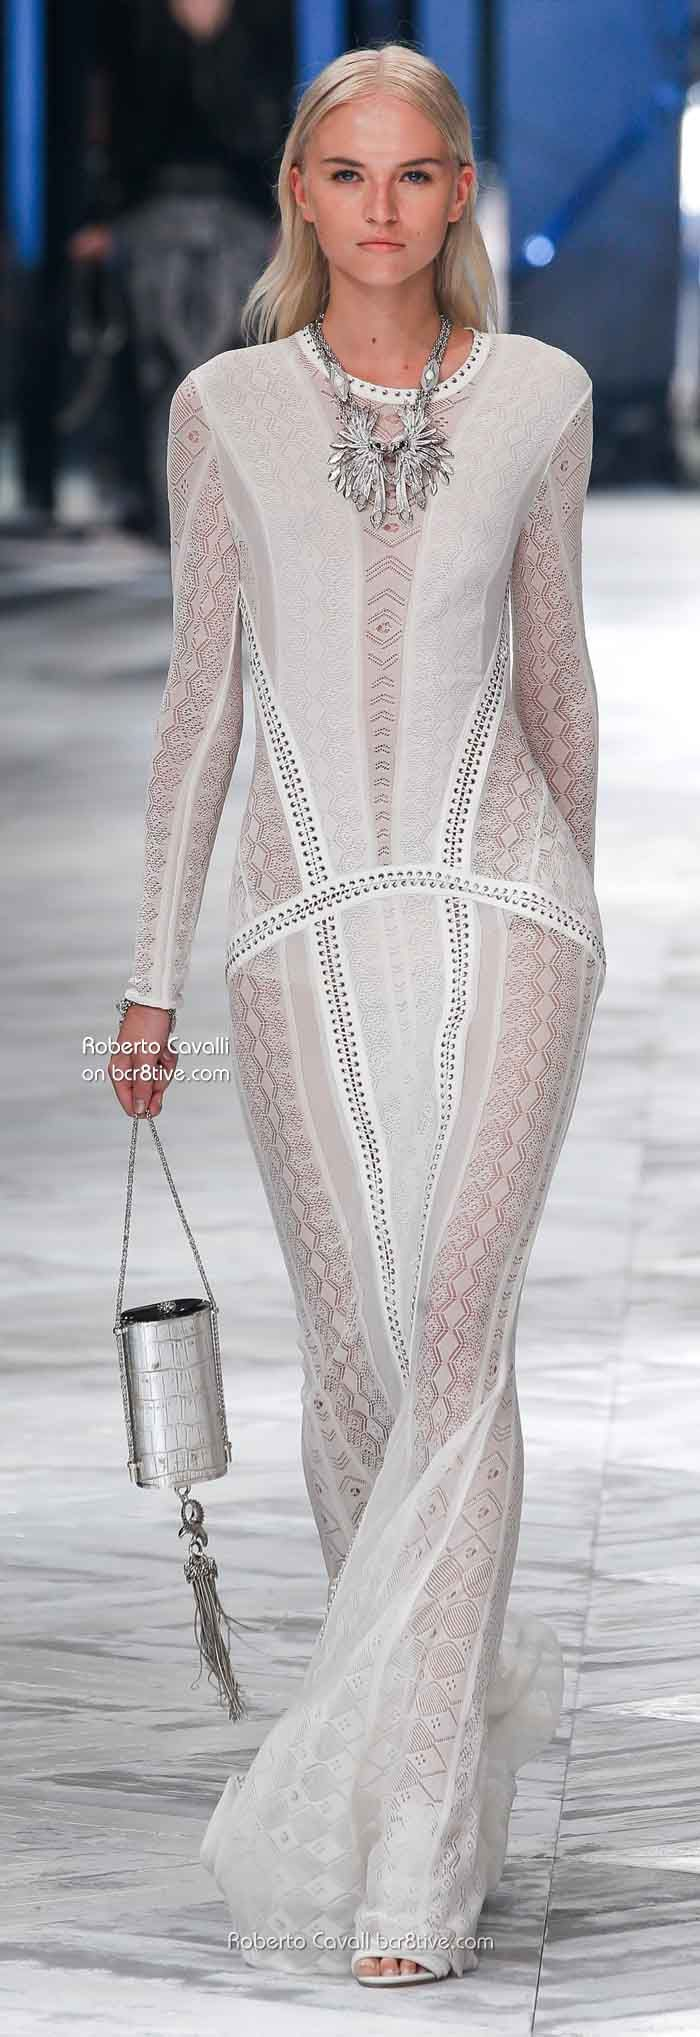 Roberto Cavalli Spring 2014, Milan Fashion Week #HauteCouture